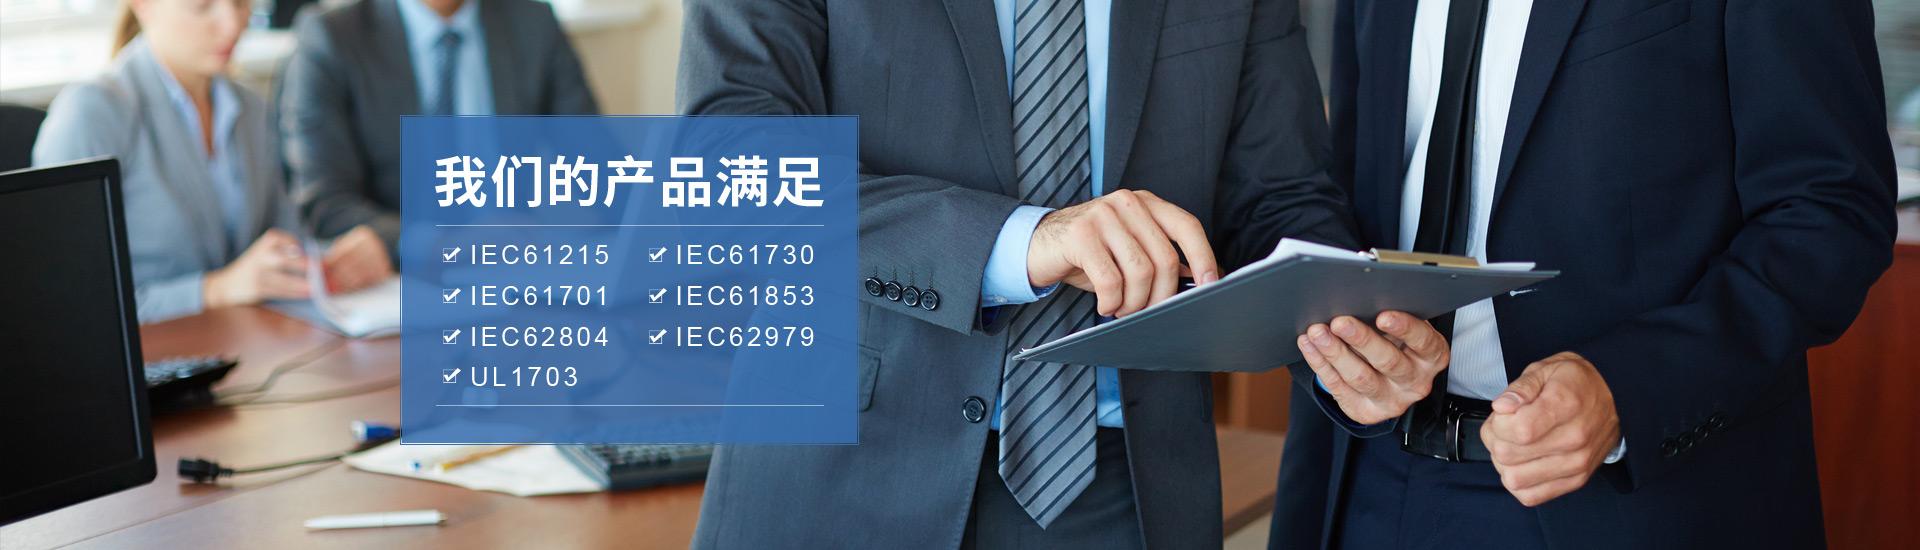 上海质卫环保科技有限公司